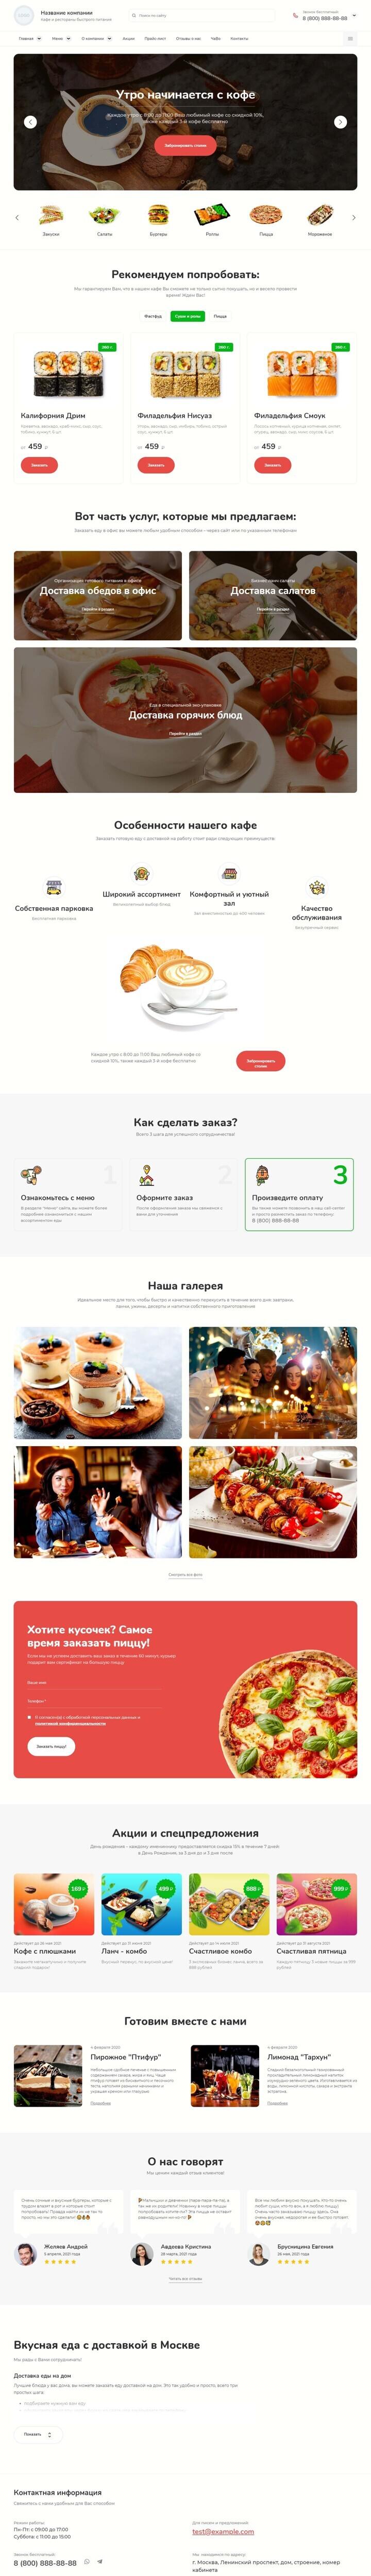 Готовый Сайт-Бизнес #3044862 - Кафе и рестораны быстрого питания (Главная)